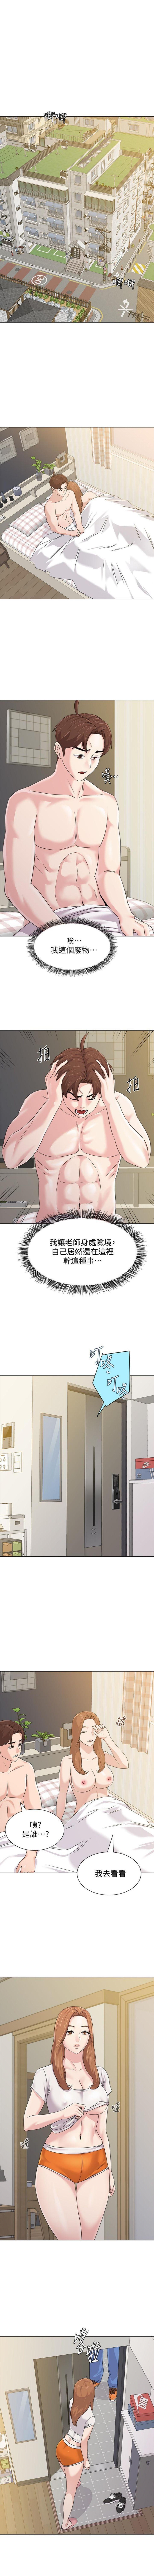 老師 1-80 官方中文(連載中) 471